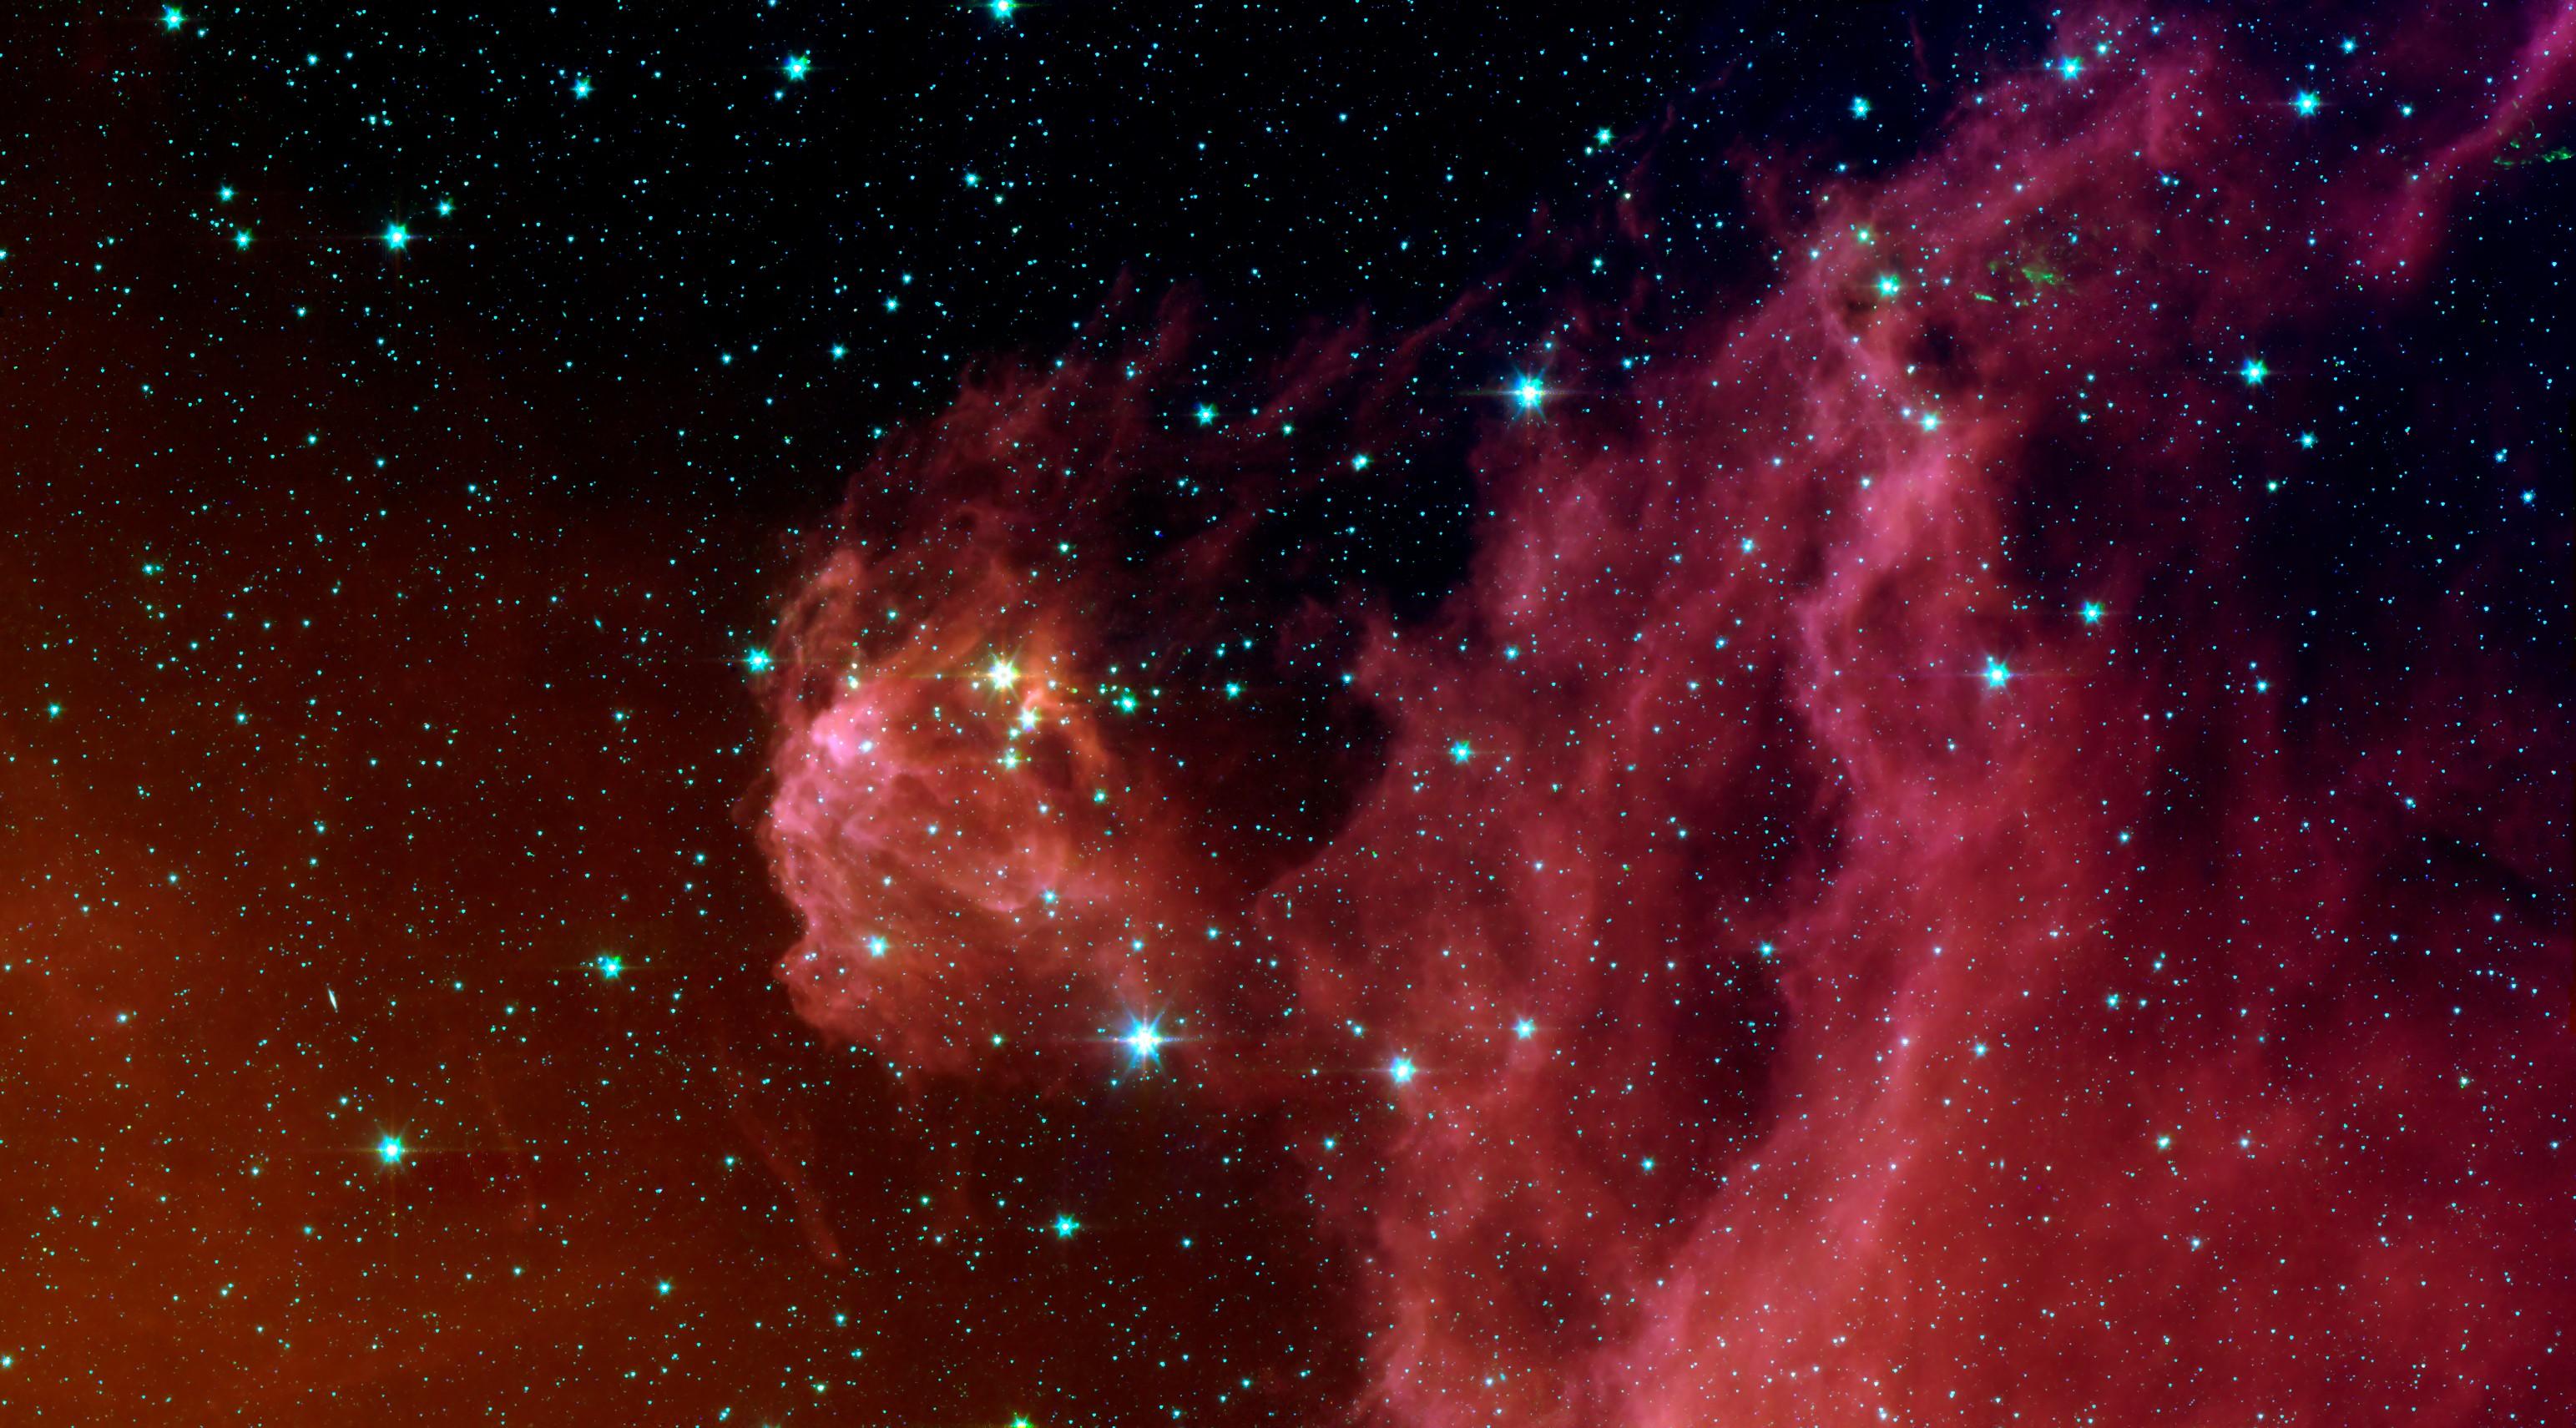 Formação de estrelas na constelação de Órion  (Foto: NASA/JPL-Caltech/D. Barrado y Navascués (LAEFF-INTA))